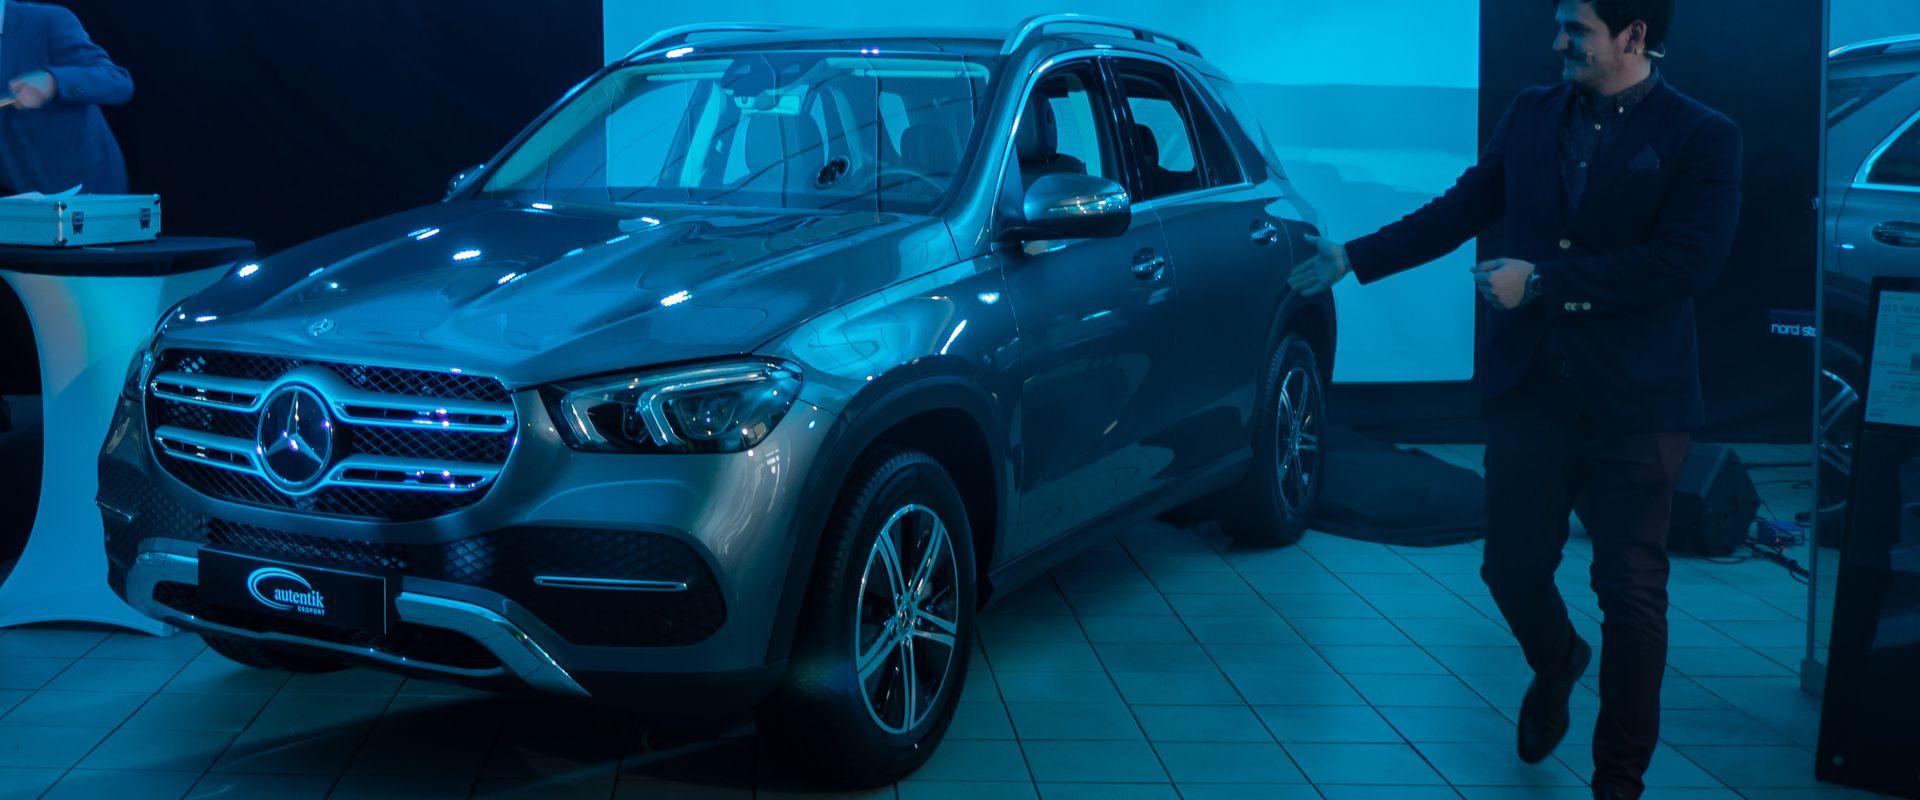 Soproni szalonunkba megérkezett az új Mercedes-Benz GLE modell!